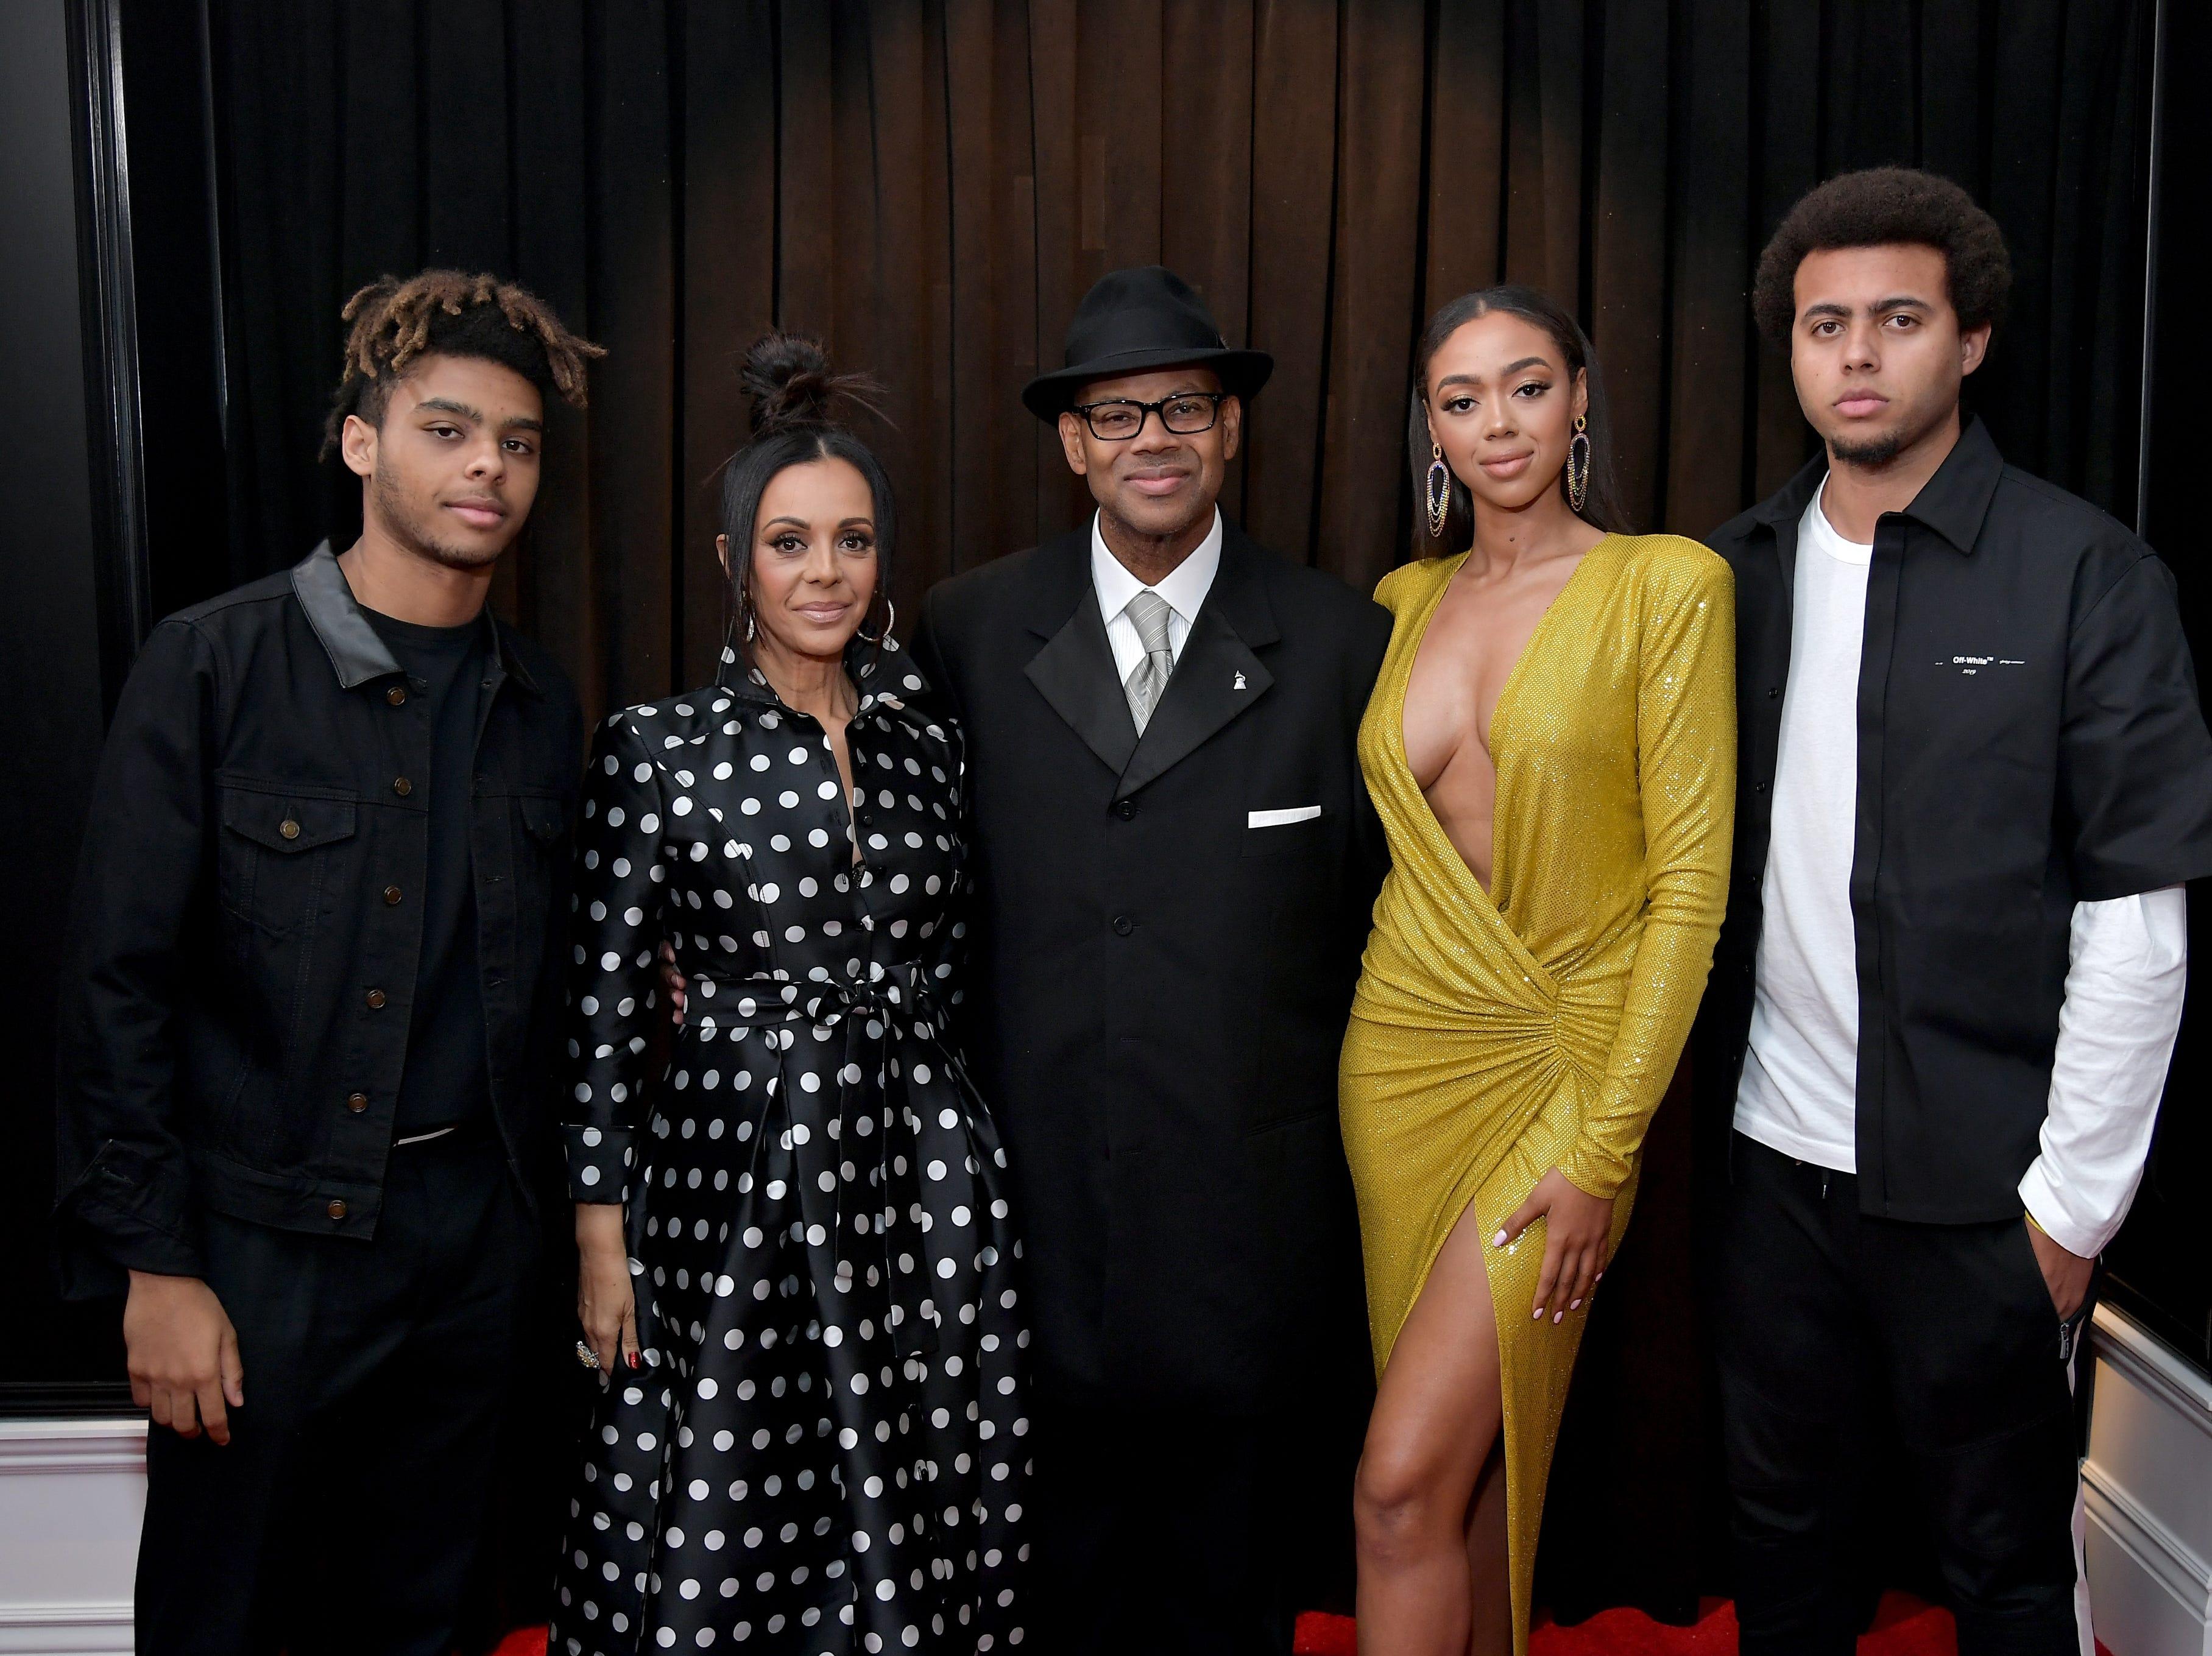 Max Harris, Lisa Padilla , Jimmy Jam, Bella Harris, y Tyler Harris asisten a la 61ª edición de los premios GRAMMY en el Staples Center el 10 de febrero de 2019 en Los Ángeles, California.